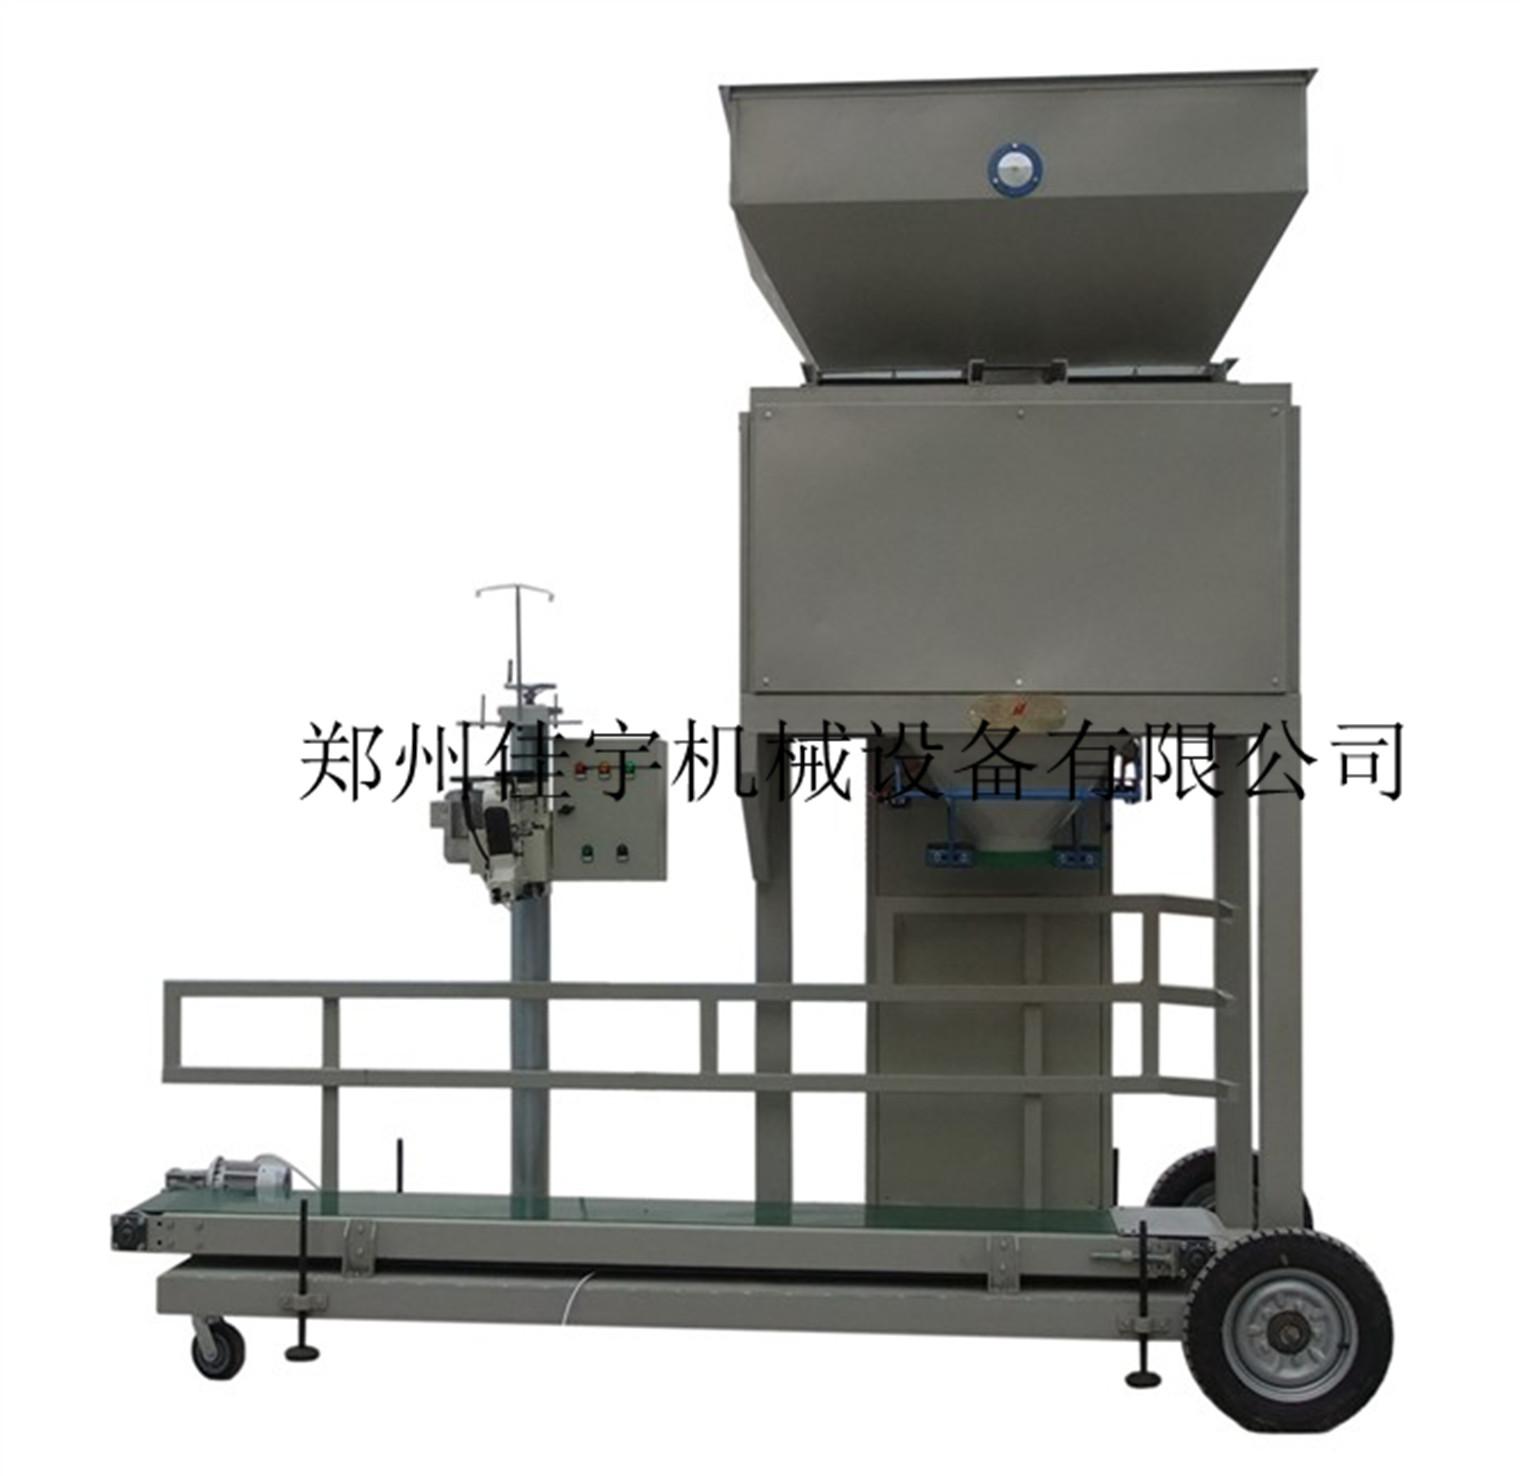 吉林松原在颗粒包装市场上郑州佳宇机械一直坚持对技术自主创新从而也有更好的发展空间